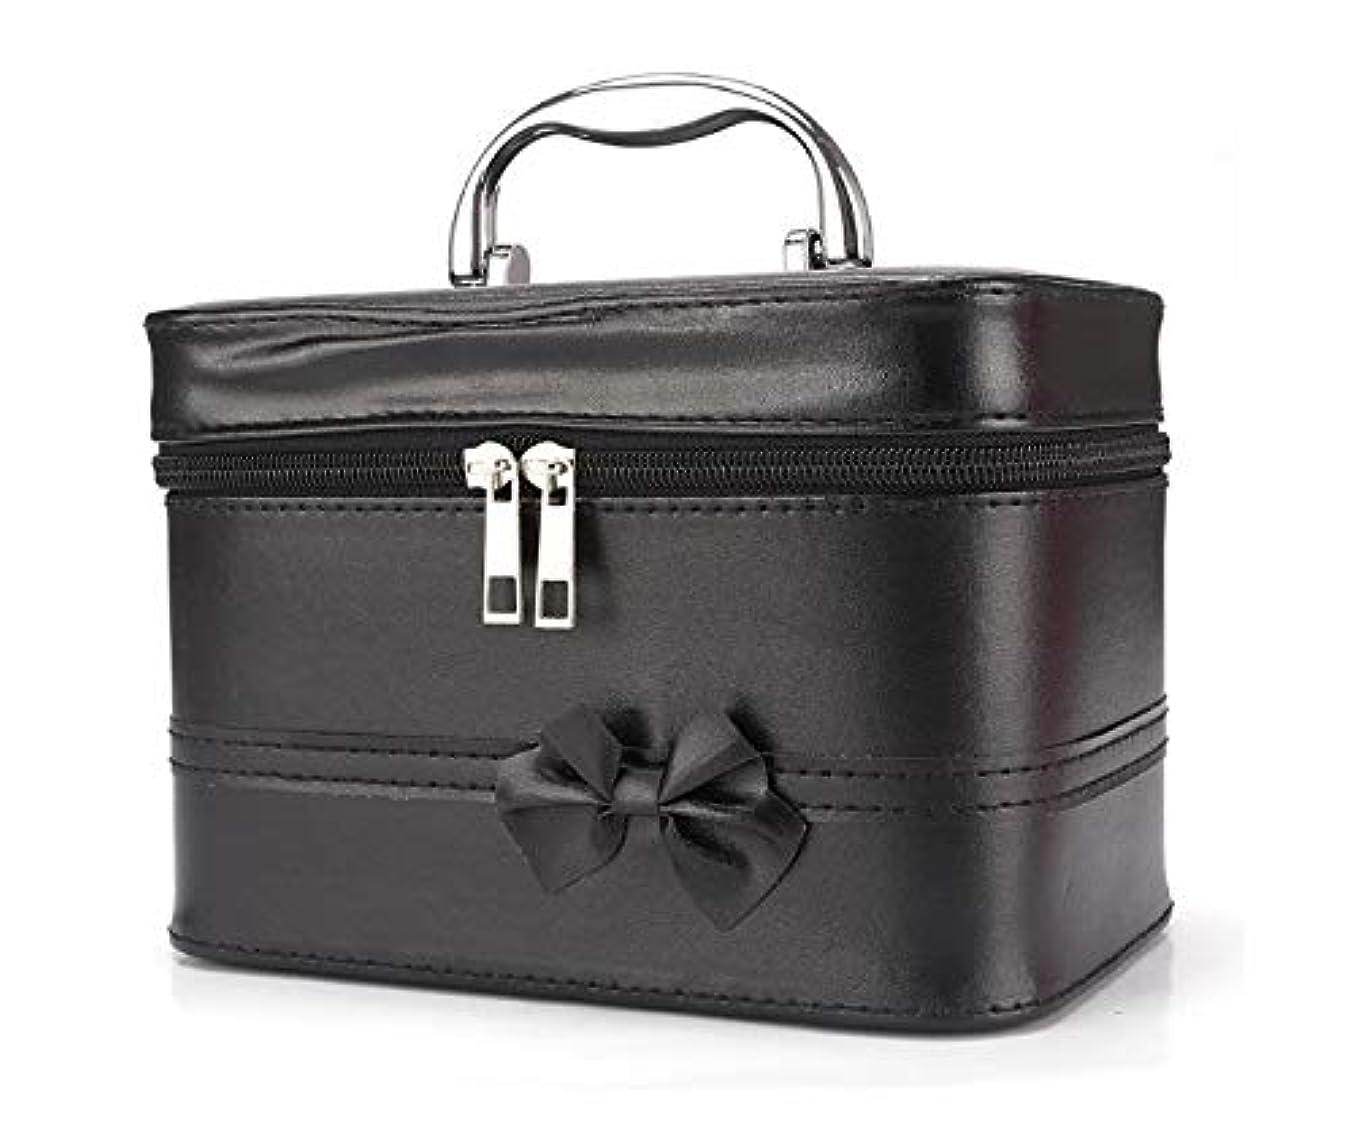 非難するいたずらなジョリー化粧箱、弓スクエアポータブル化粧品袋、ポータブルポータブル旅行化粧品ケース、美容ネイルジュエリー収納ボックス (Color : ブラック)